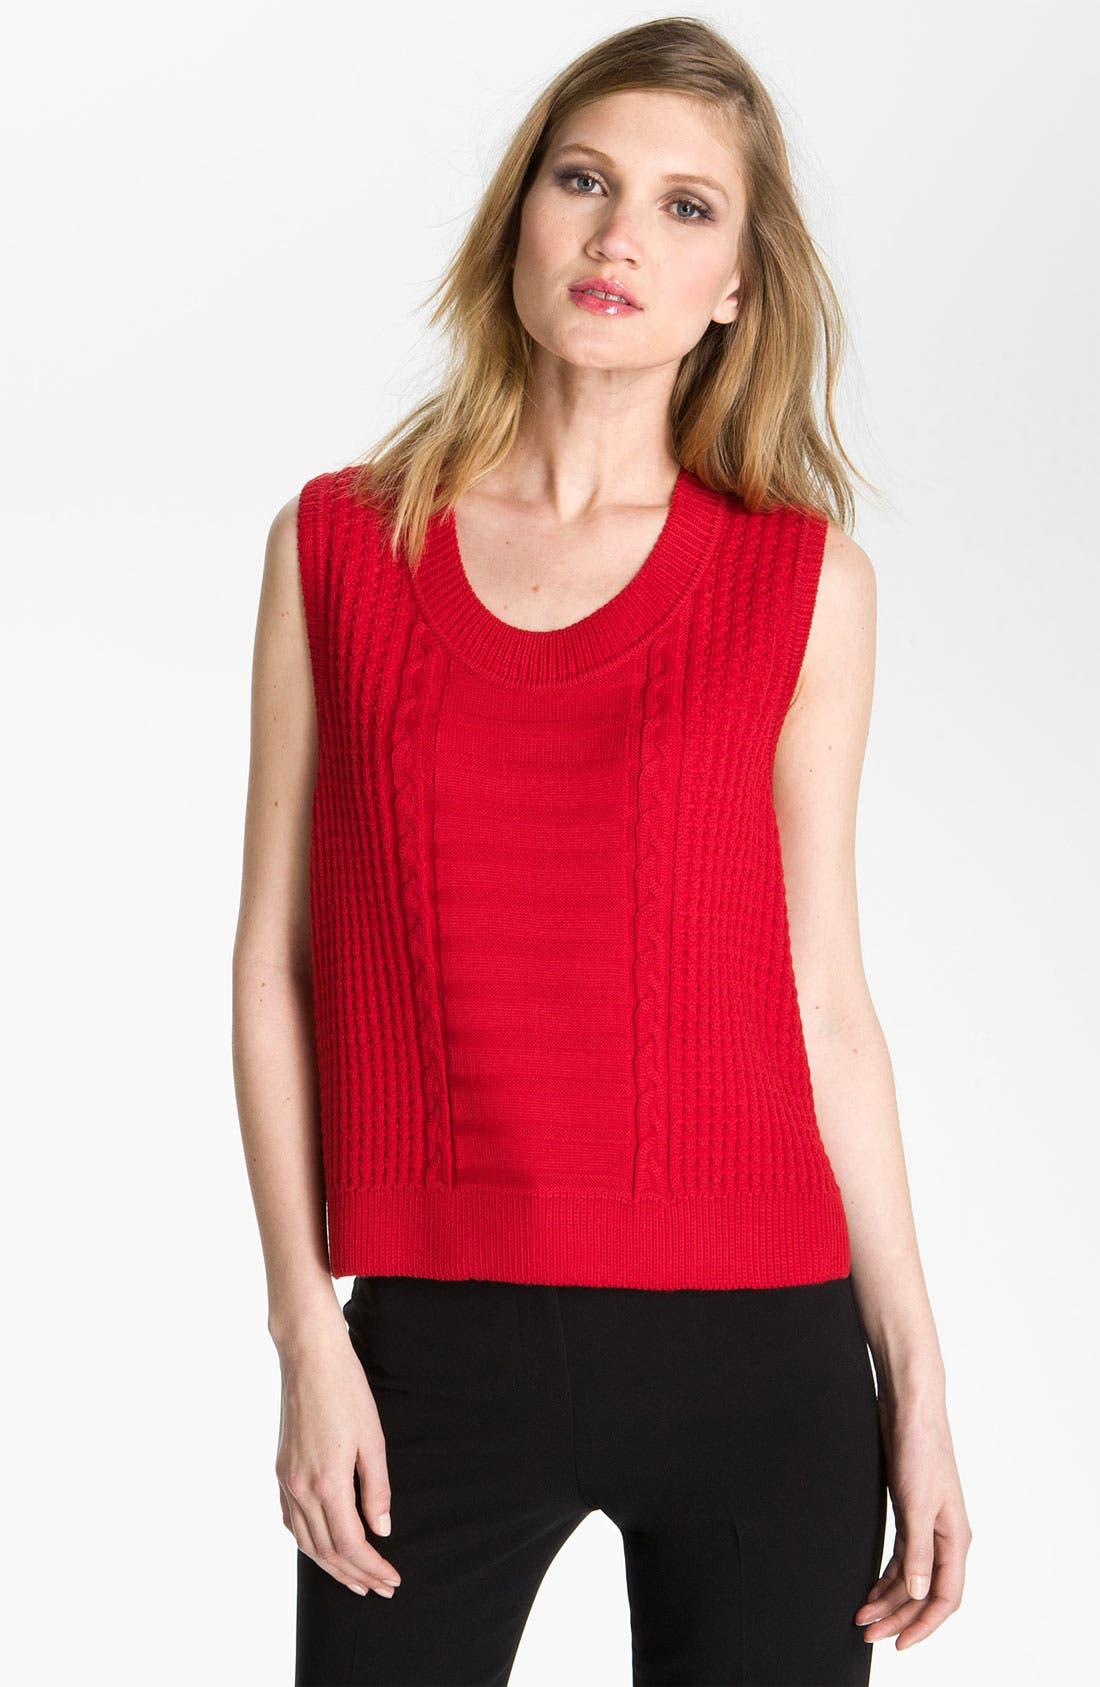 Main Image - St. John Yellow Label Boxy Cable Knit Sweater